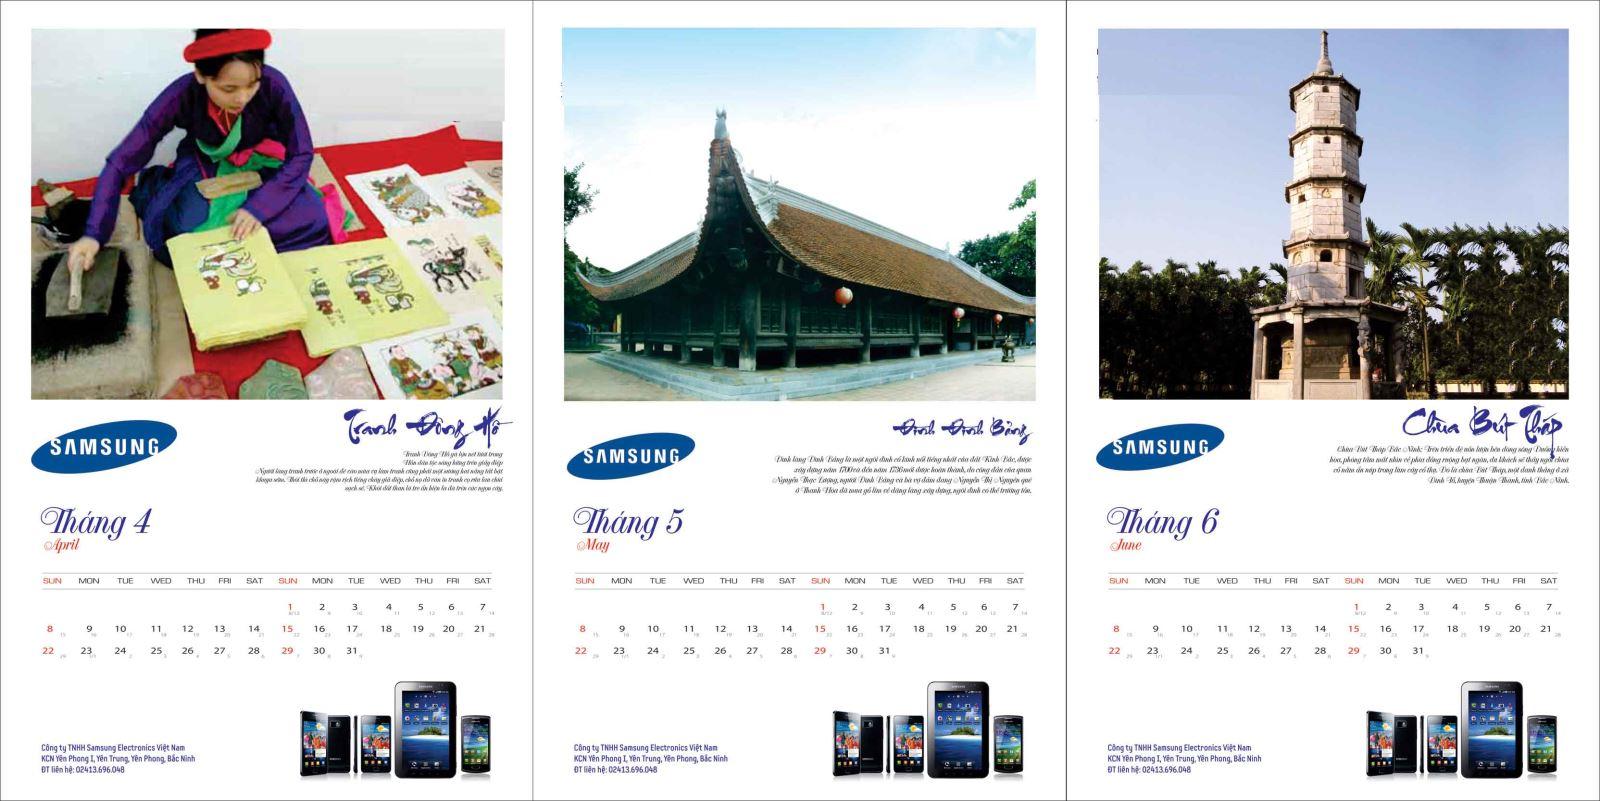 thiết kế lịch độc quyền công ty samsung 2019